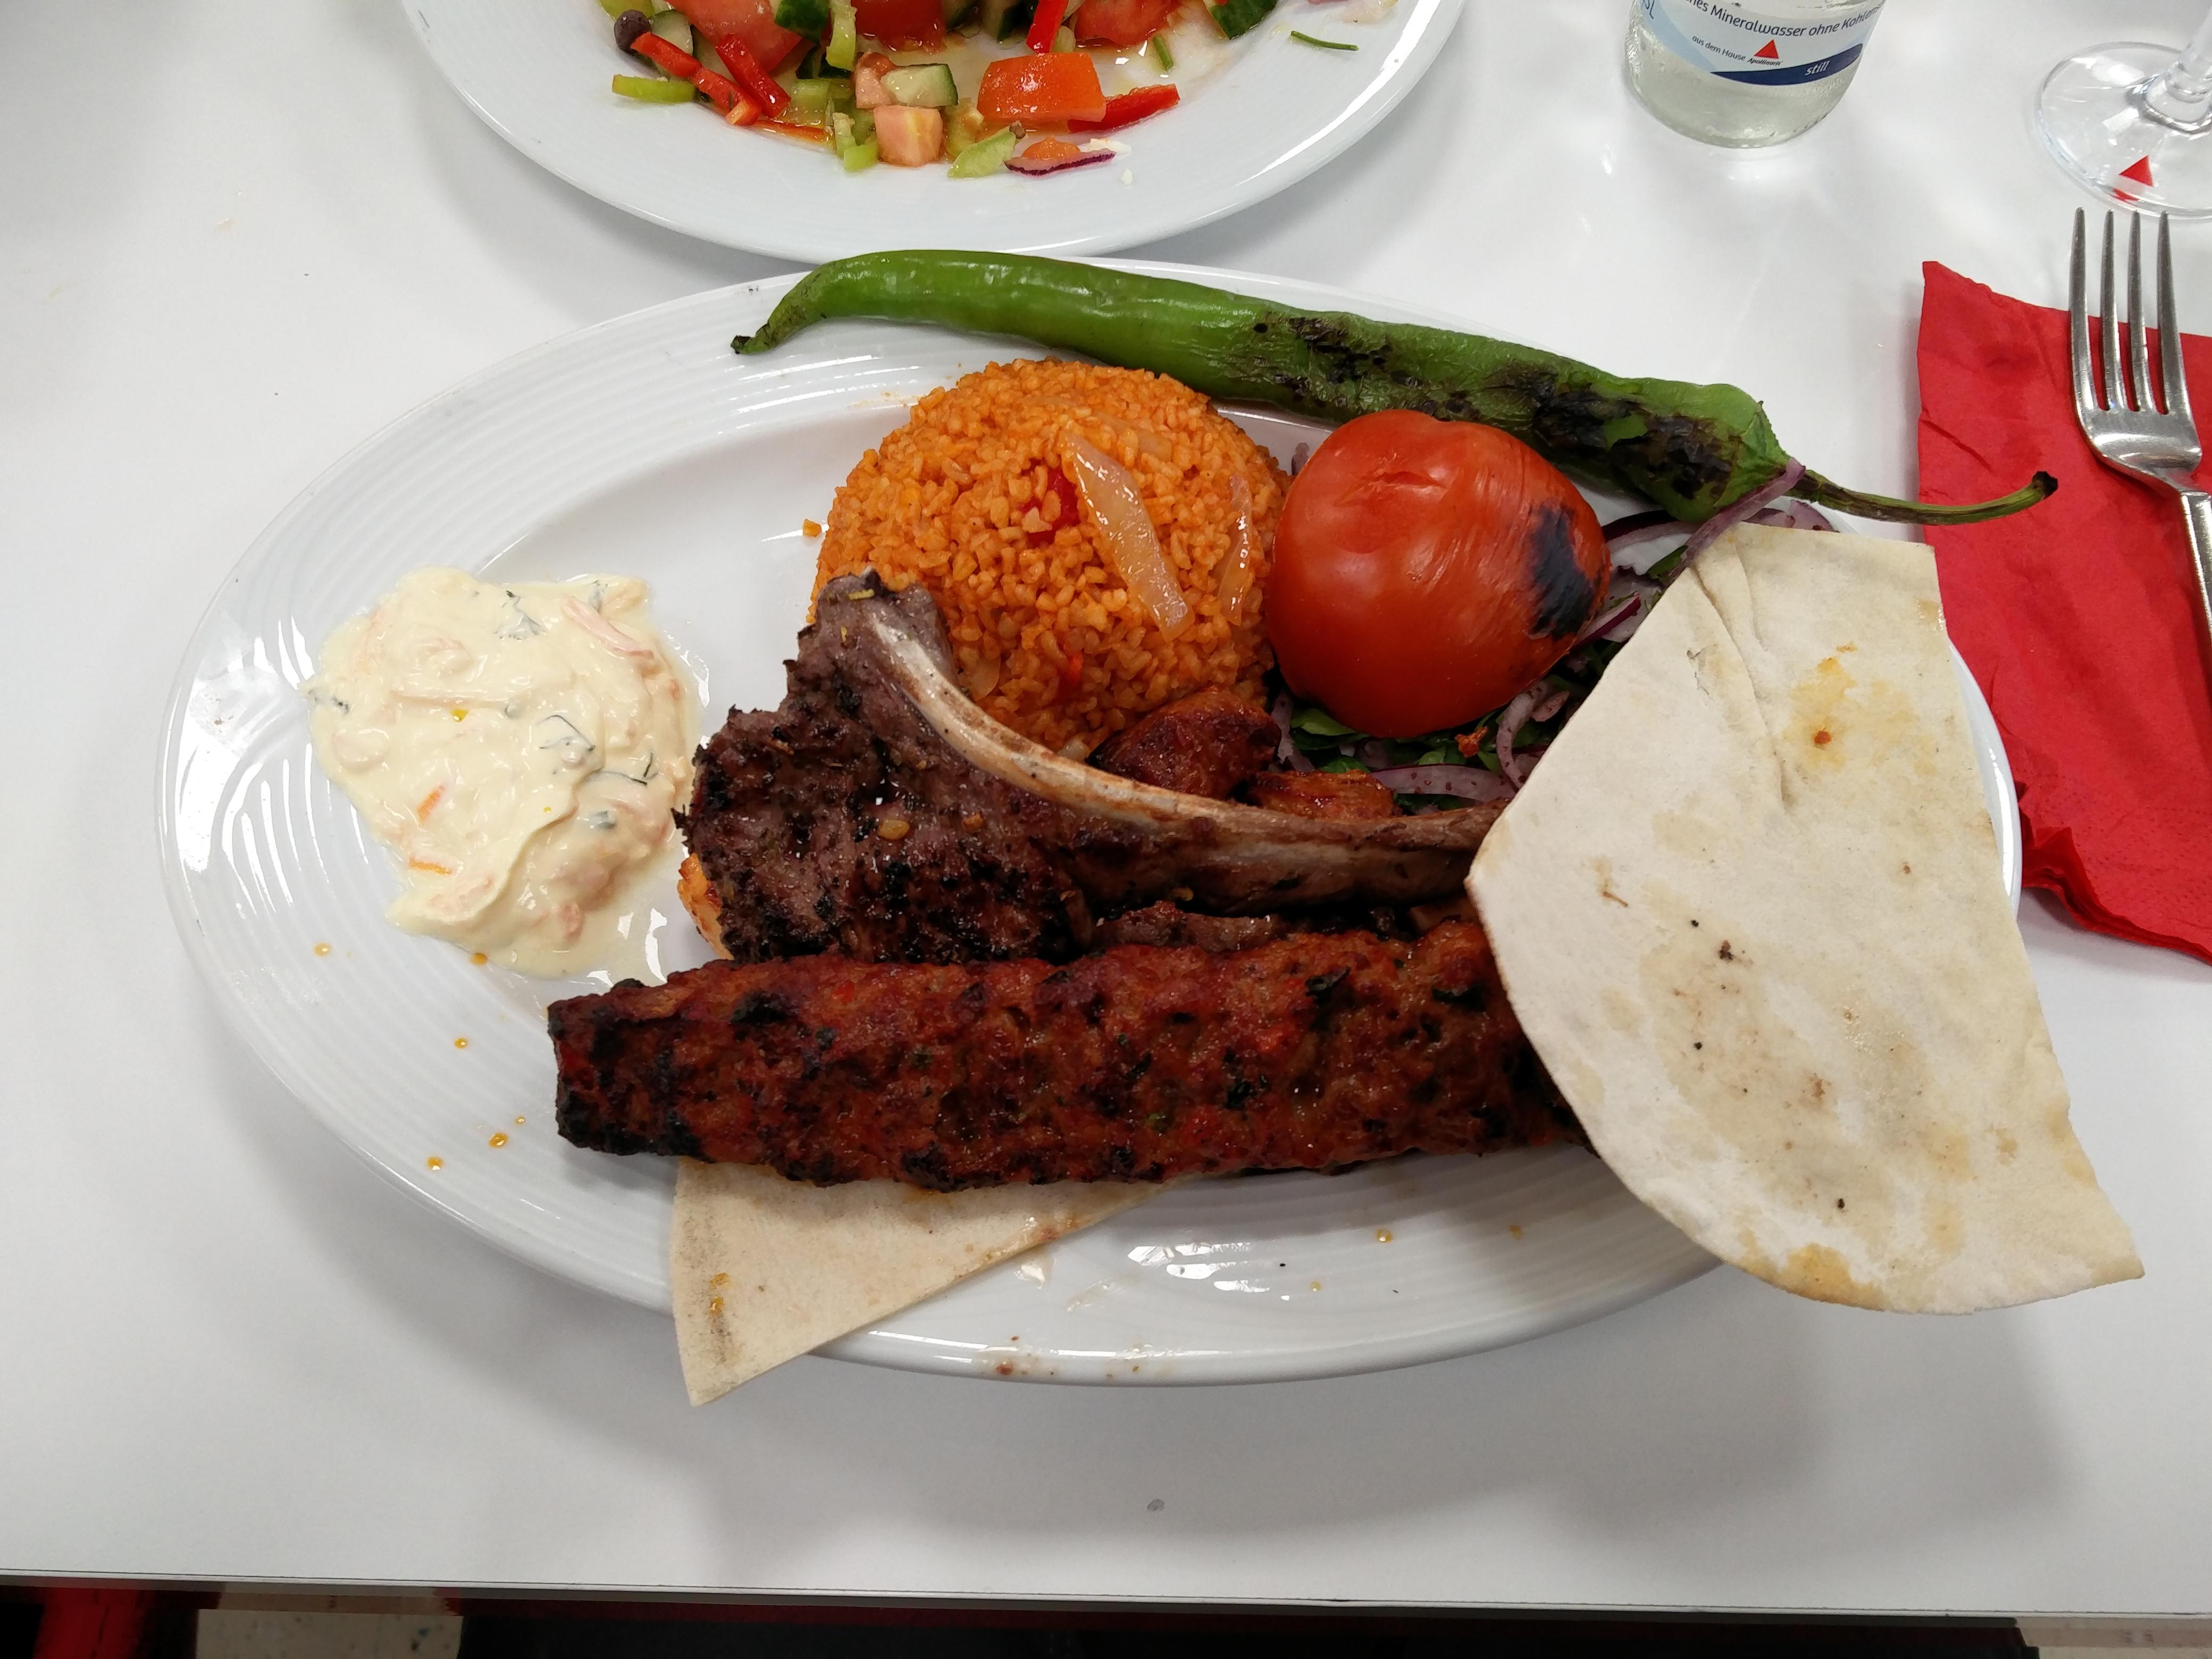 https://foodloader.net/nico_2016-02-01_gemischter-grillteller-mit-adana-kebap-lamm-chicken-reis-und-gemuese.jpg